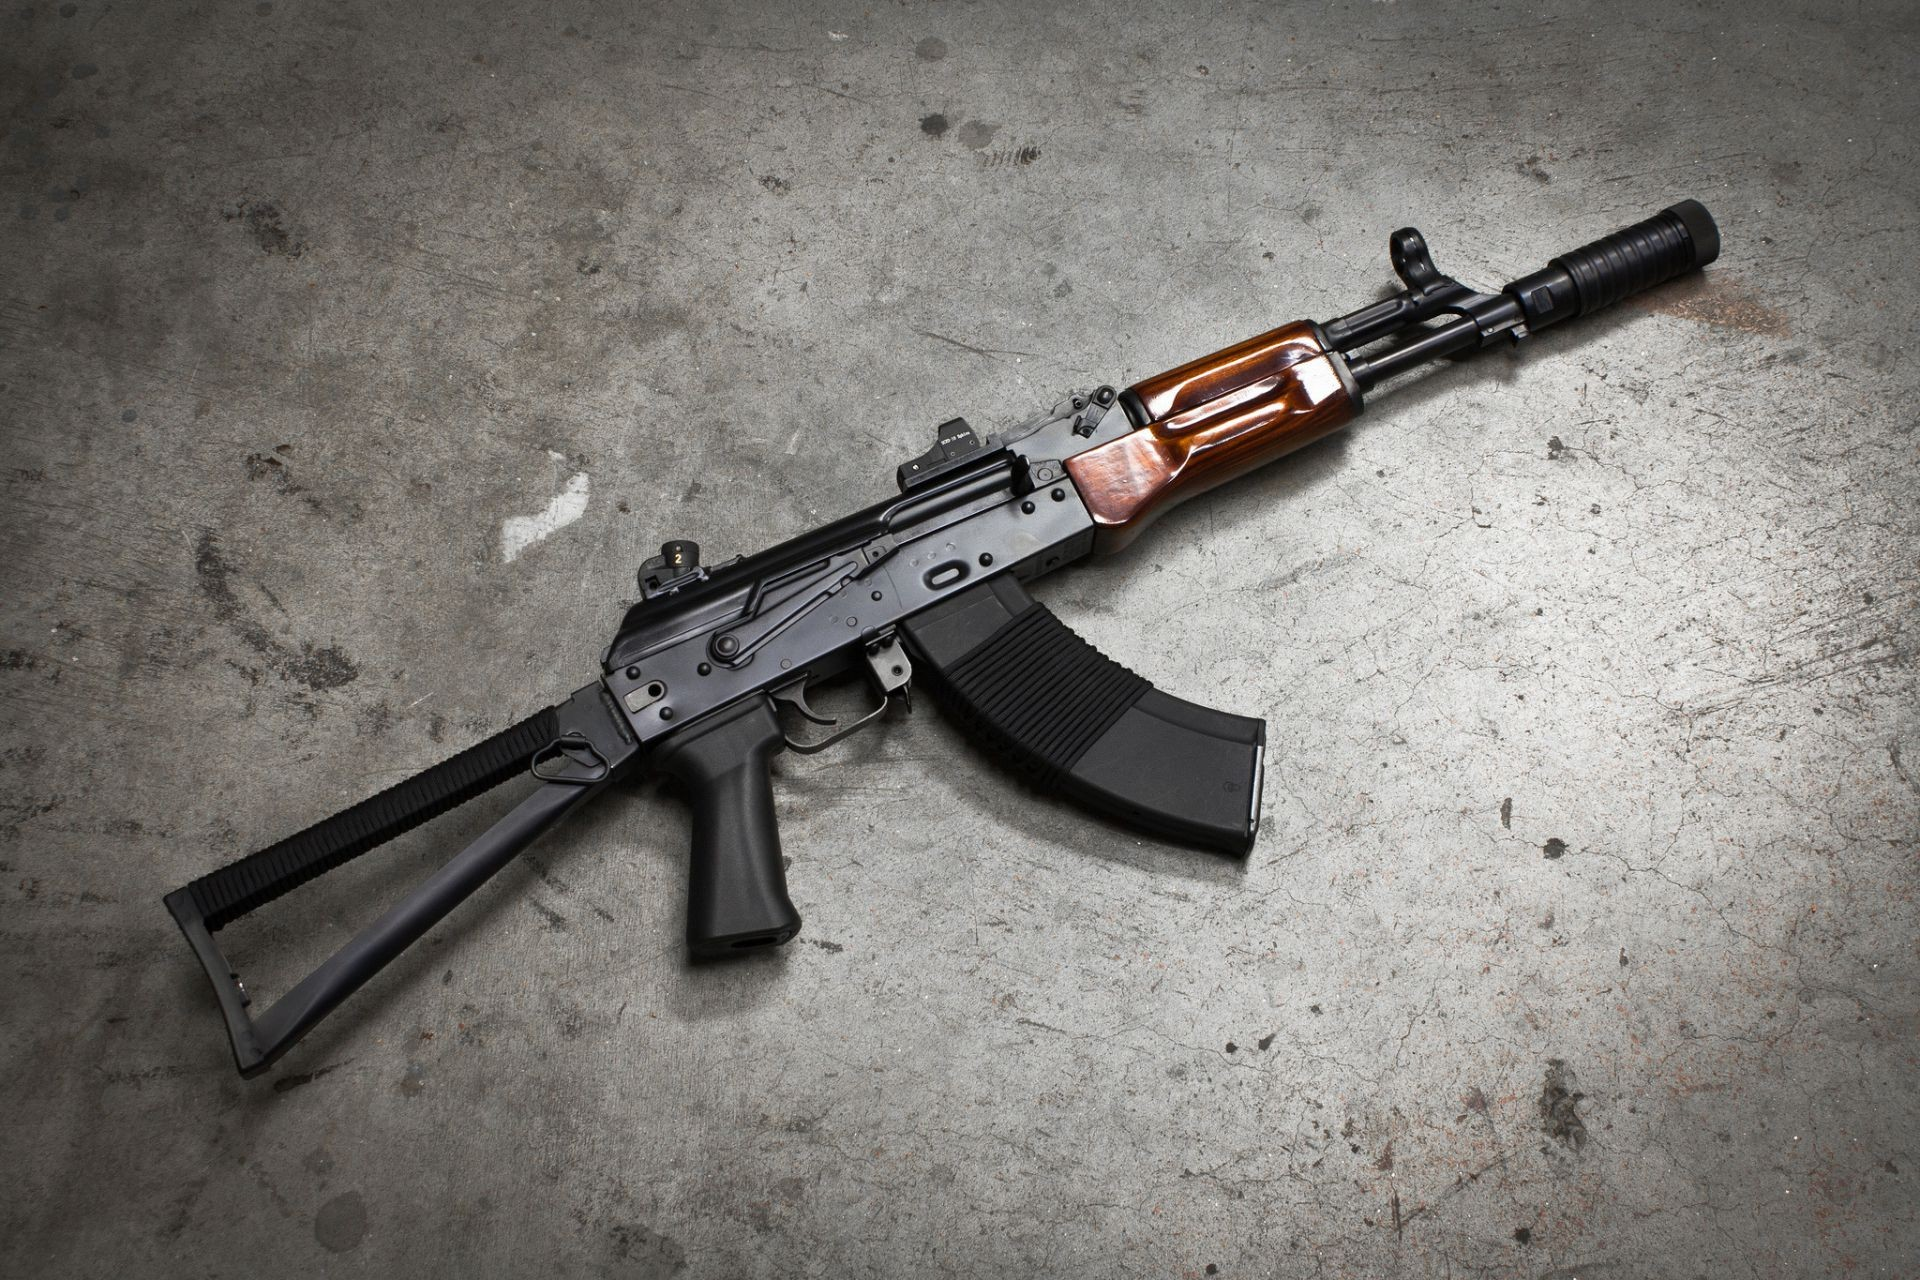 ВЧечне военный застрелил своего командира изавтомата